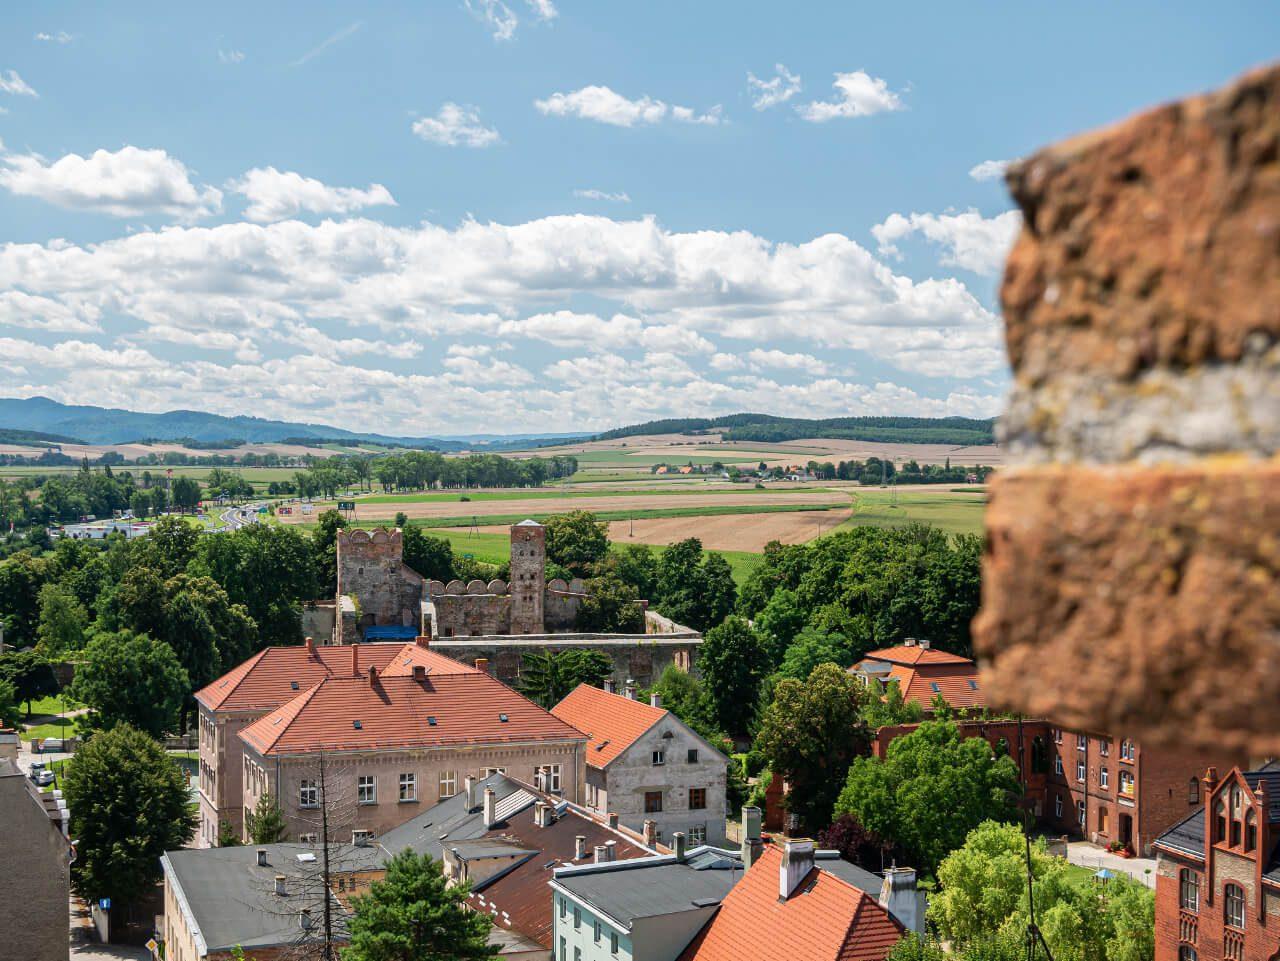 Taras widokowy Krzywa Wieża Ząbkowice Śląskie atrakcje